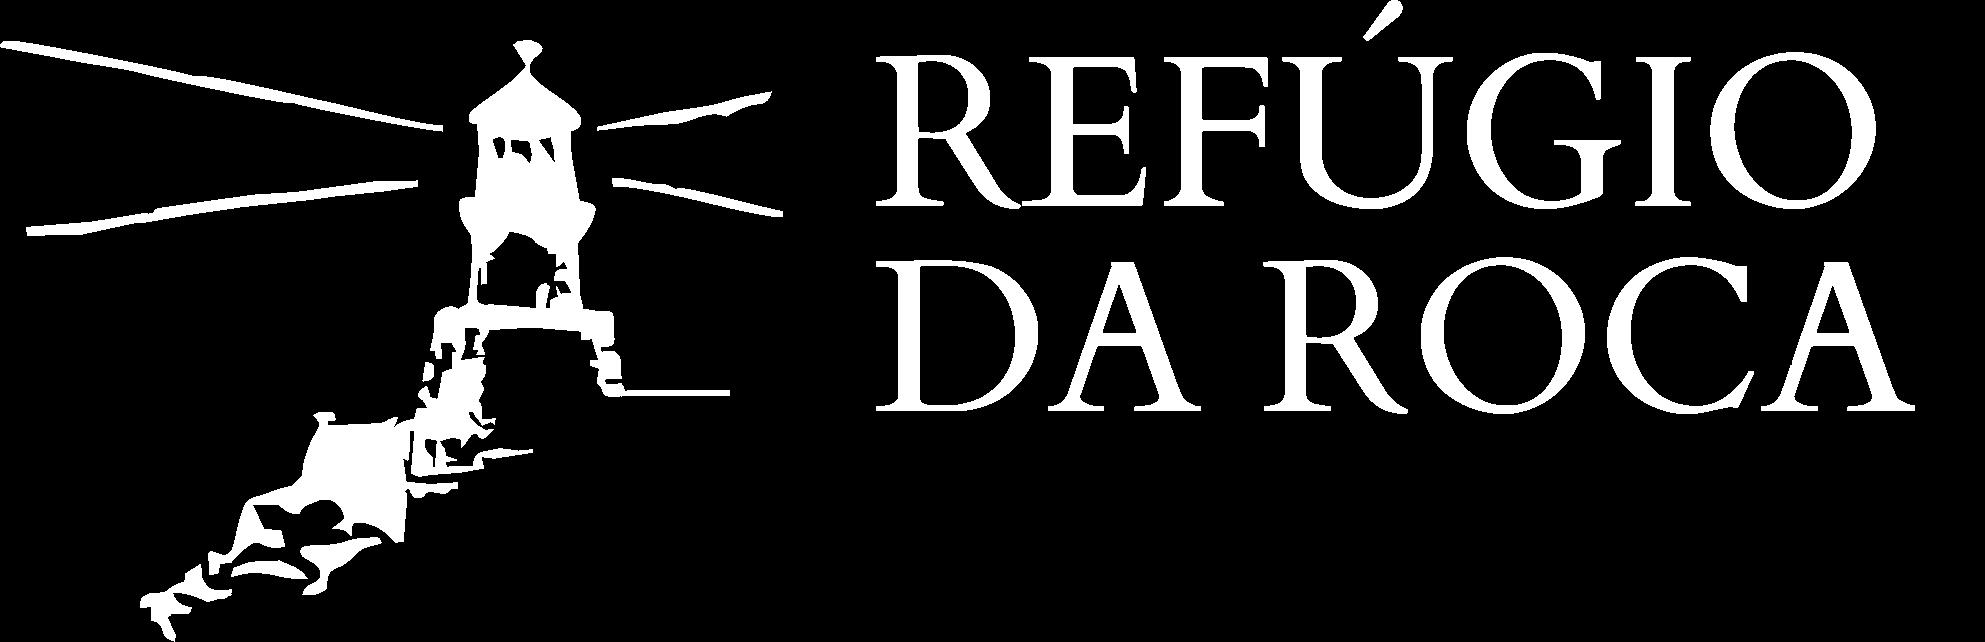 Refúgio da Roca - Restaurante